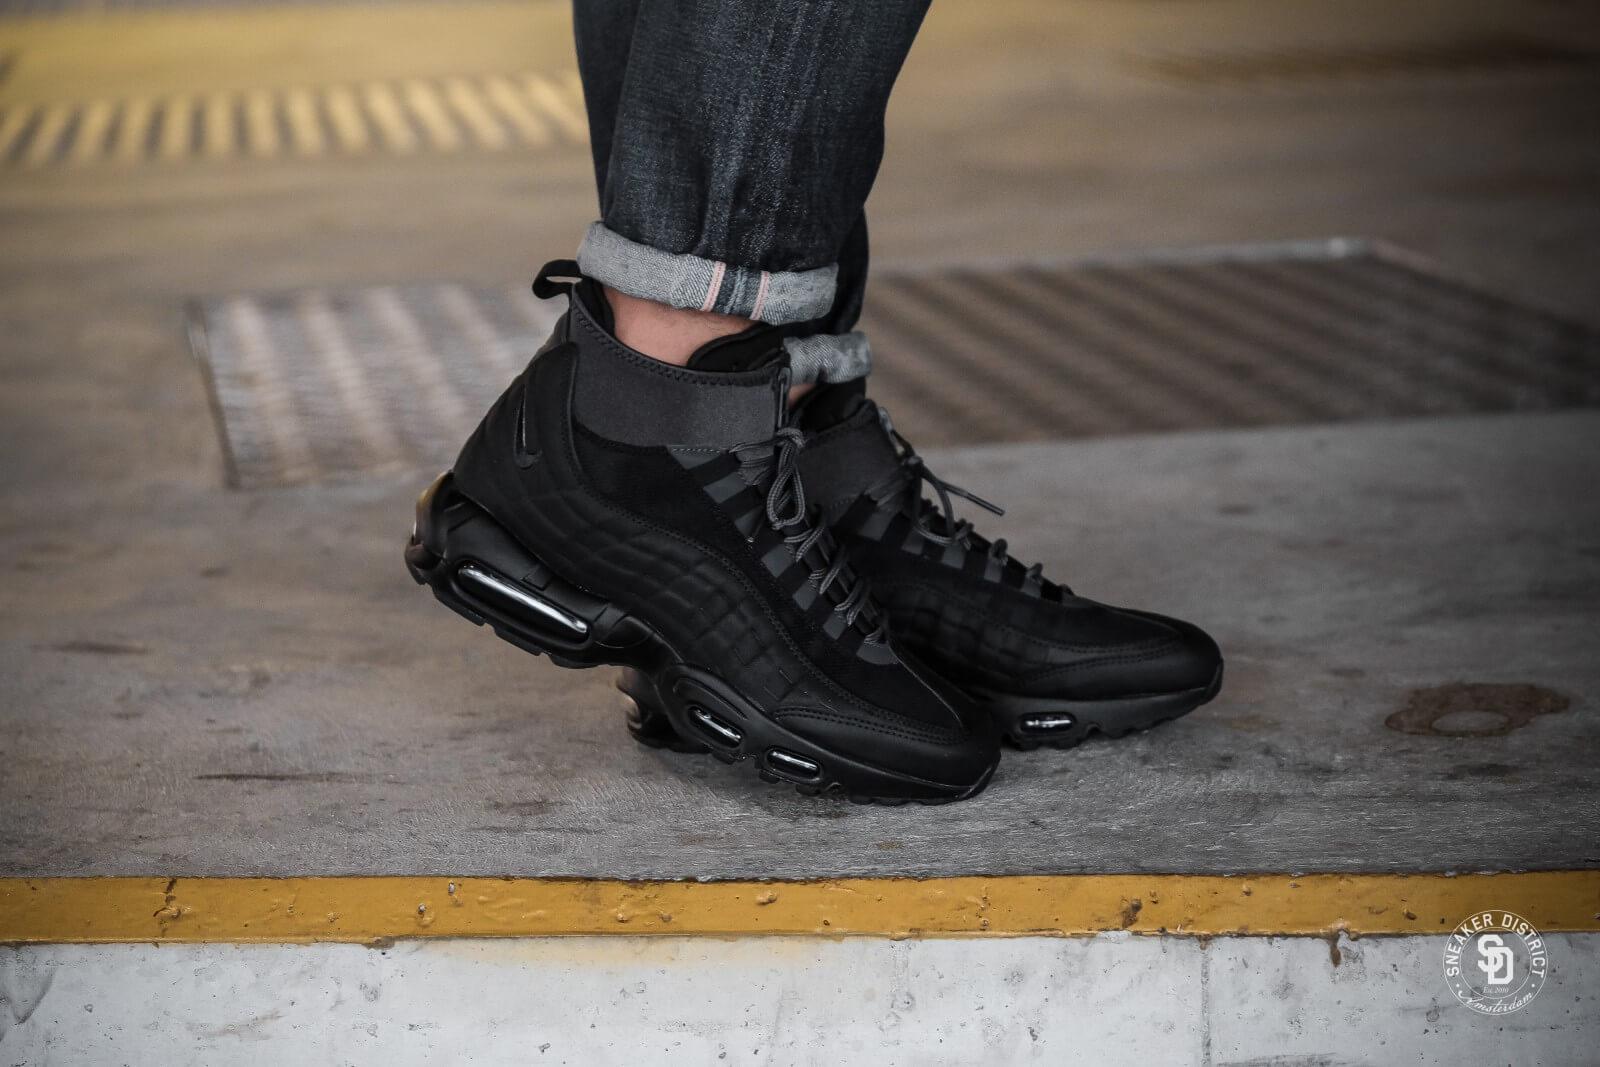 Nike Formateurs Max 95 Sneakerboots D'air En Noir 806809-001 - Noir 6Kjqhm